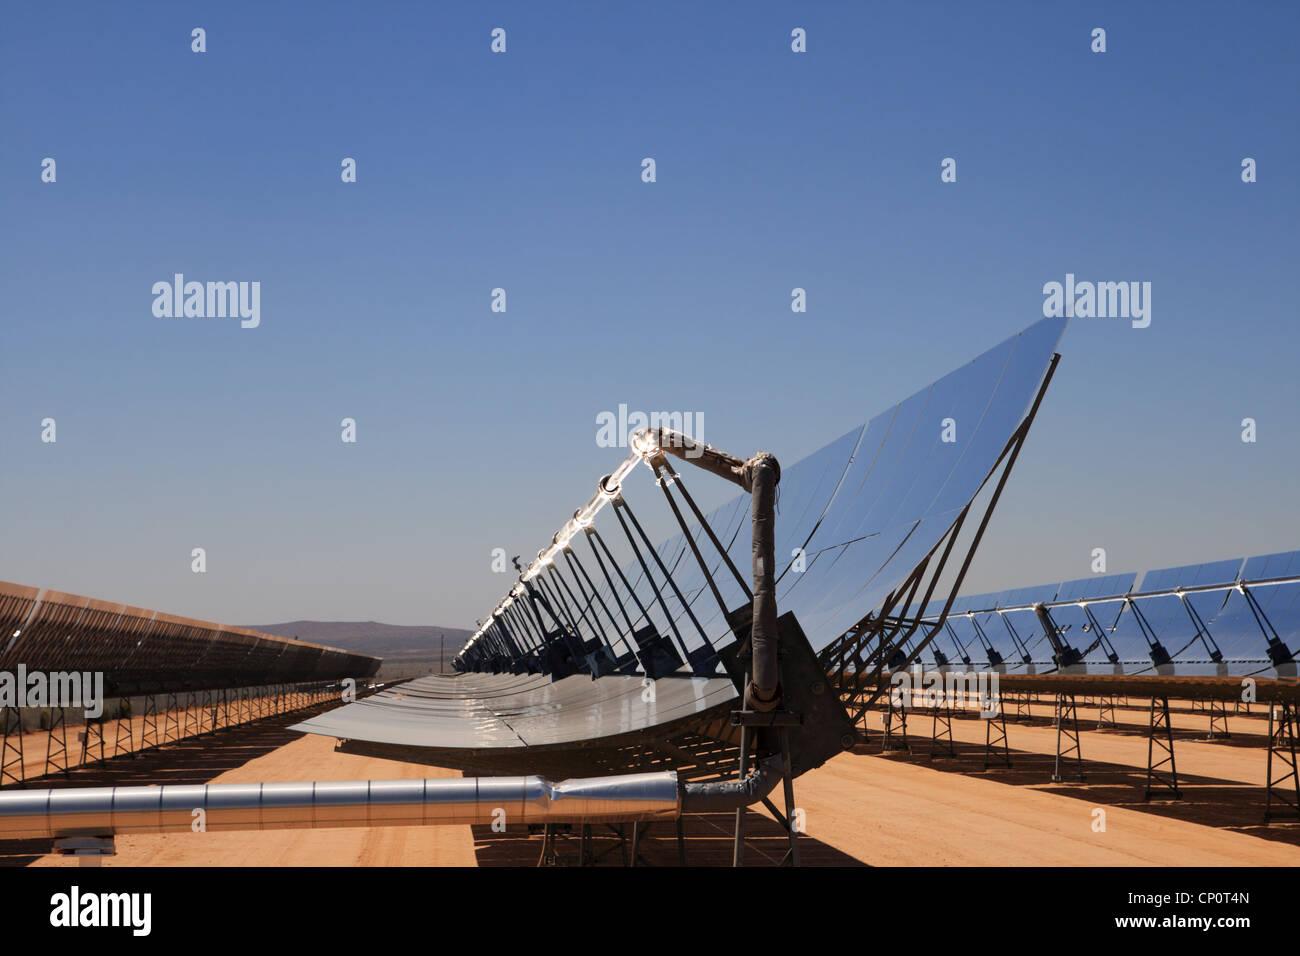 SEGS energía solar térmica planta de electricidad del desierto con espejos parabólicos concentrar Imagen De Stock